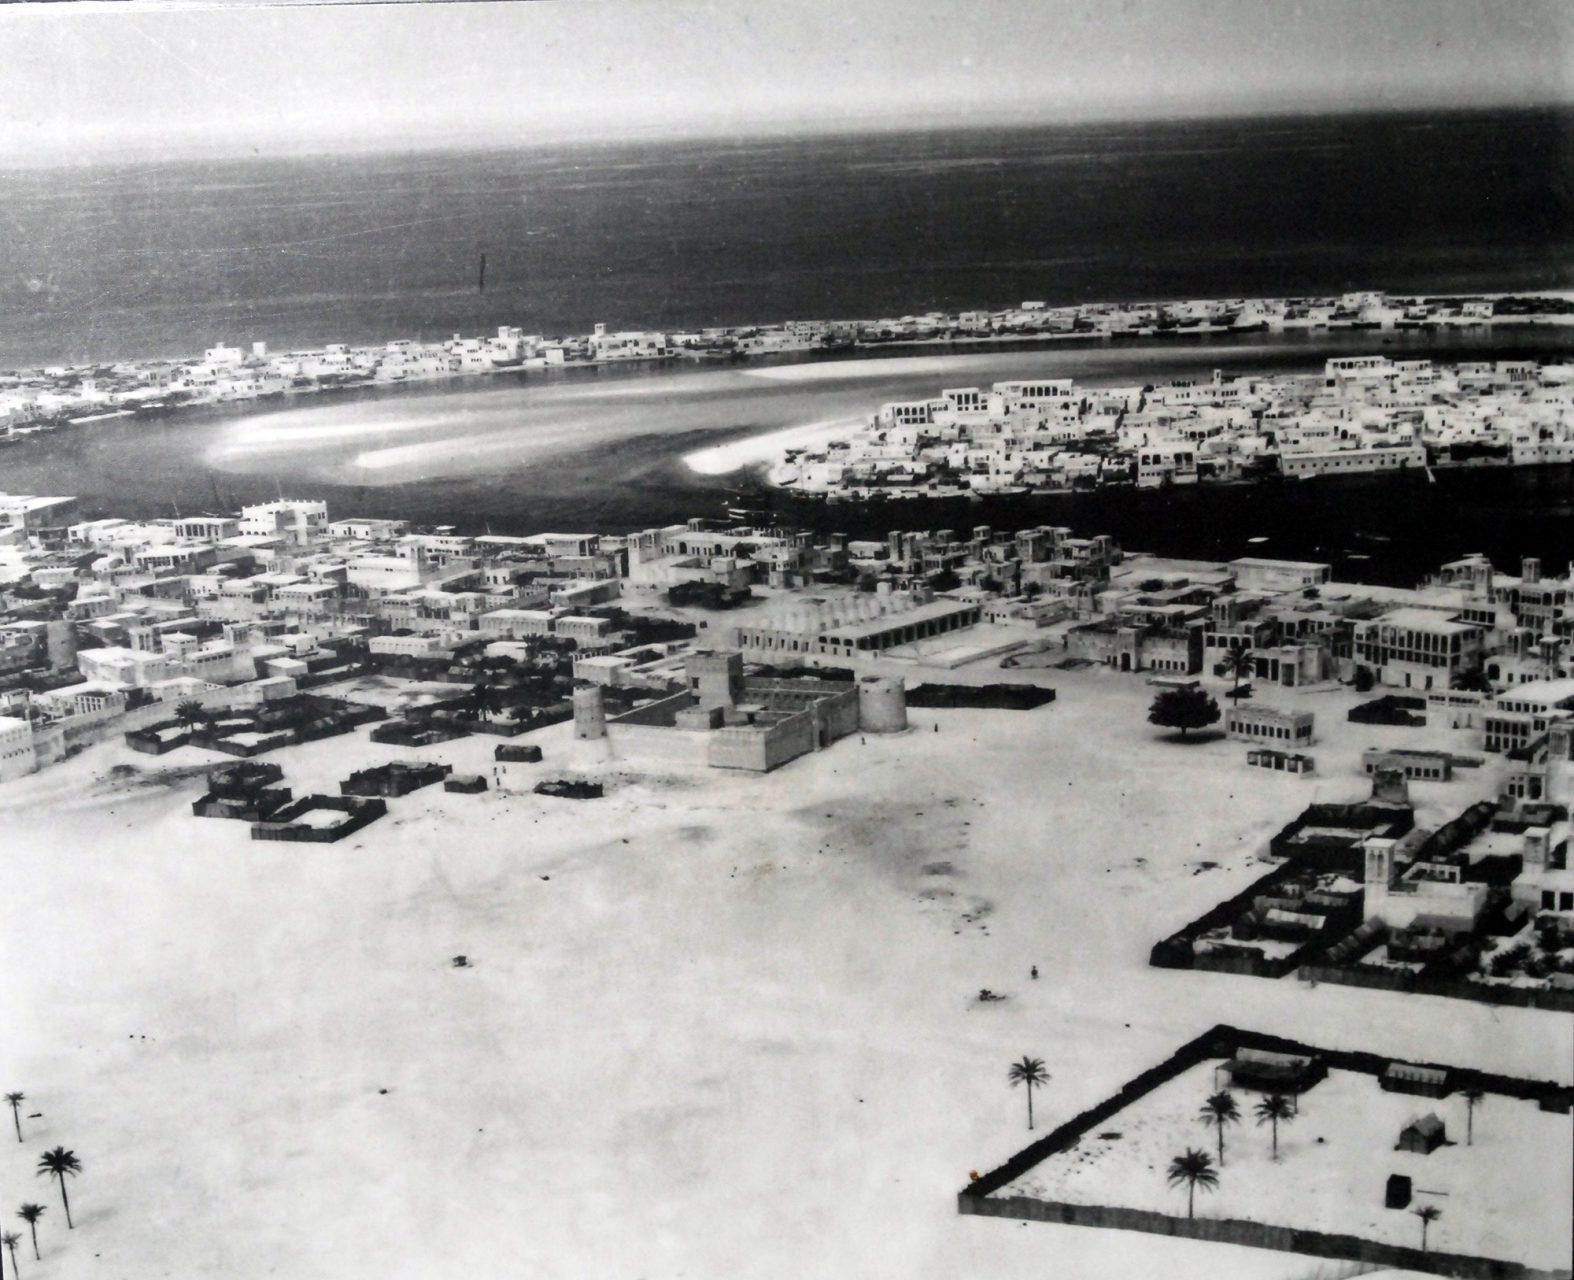 Dubai. Um 1930 hatte Dubai etwa 20.000 Einwohner, von denen etwa 25 Prozent Einwanderer waren.